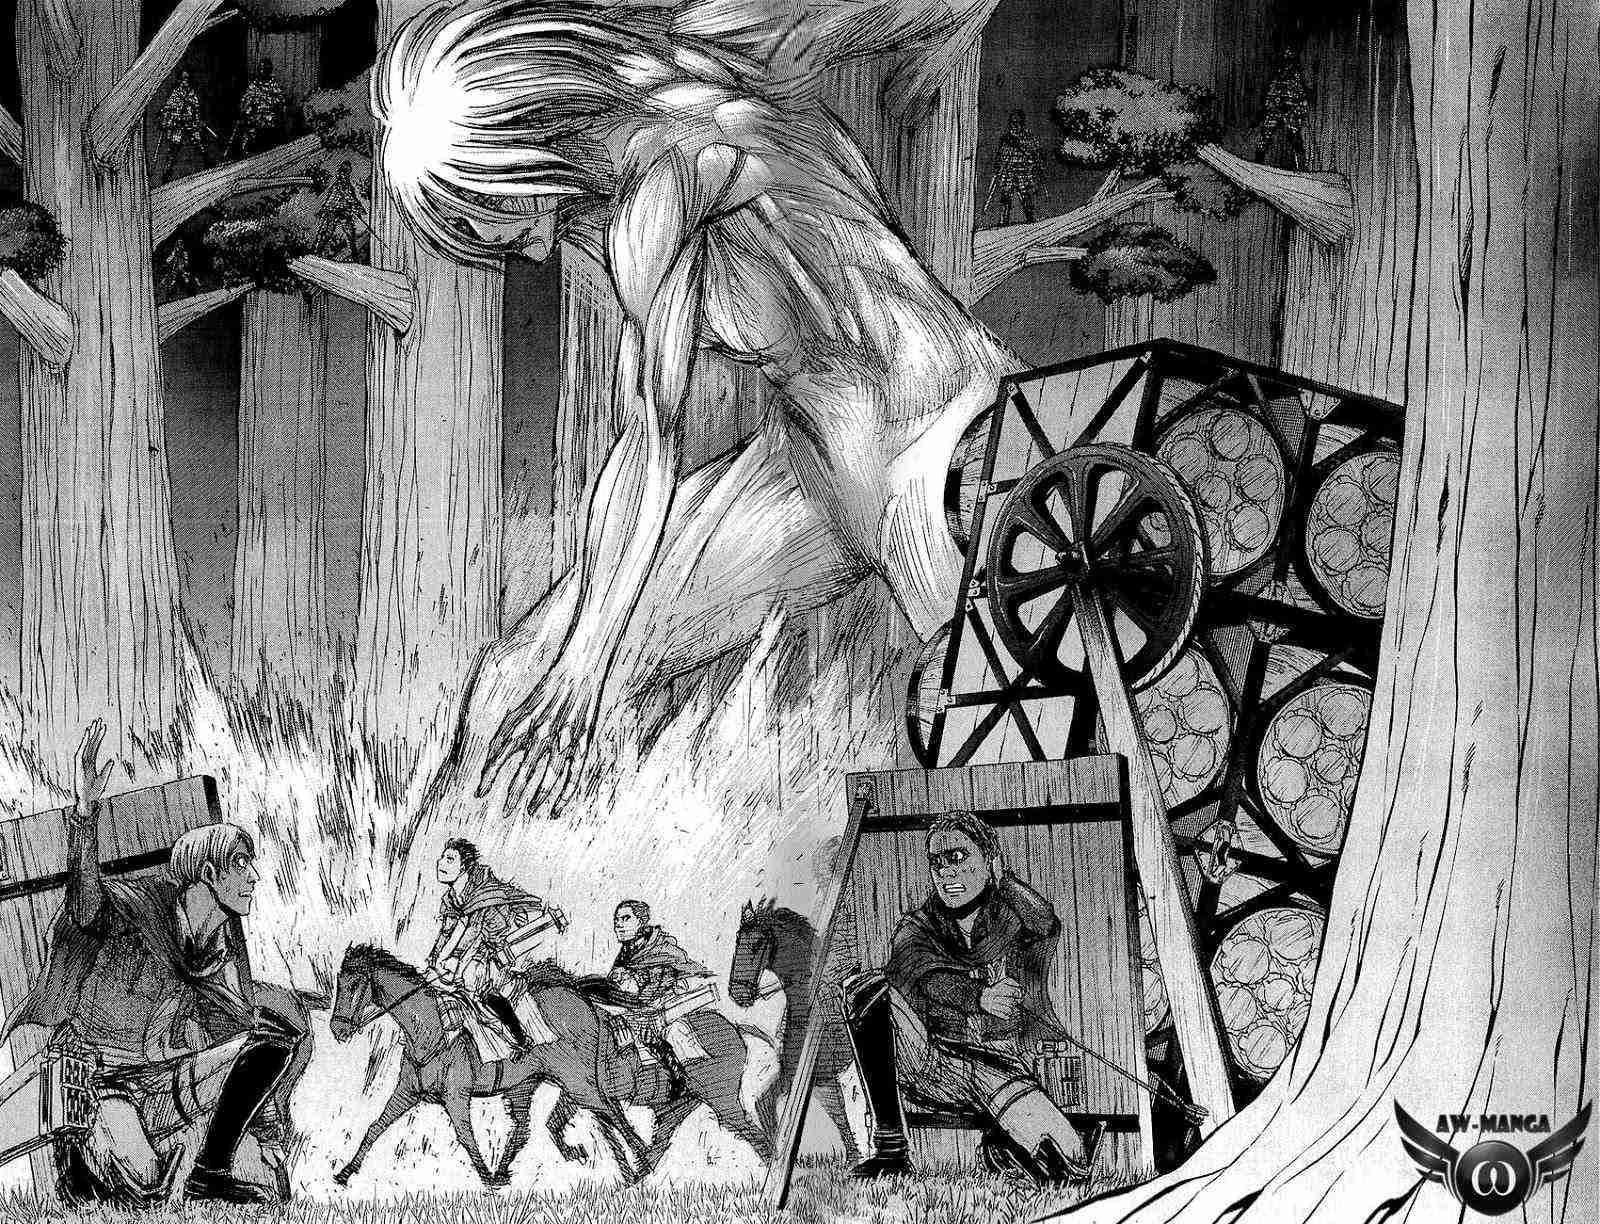 Komik shingeki no kyojin 026 - cara yang bijak 27 Indonesia shingeki no kyojin 026 - cara yang bijak Terbaru 34|Baca Manga Komik Indonesia|Mangacan